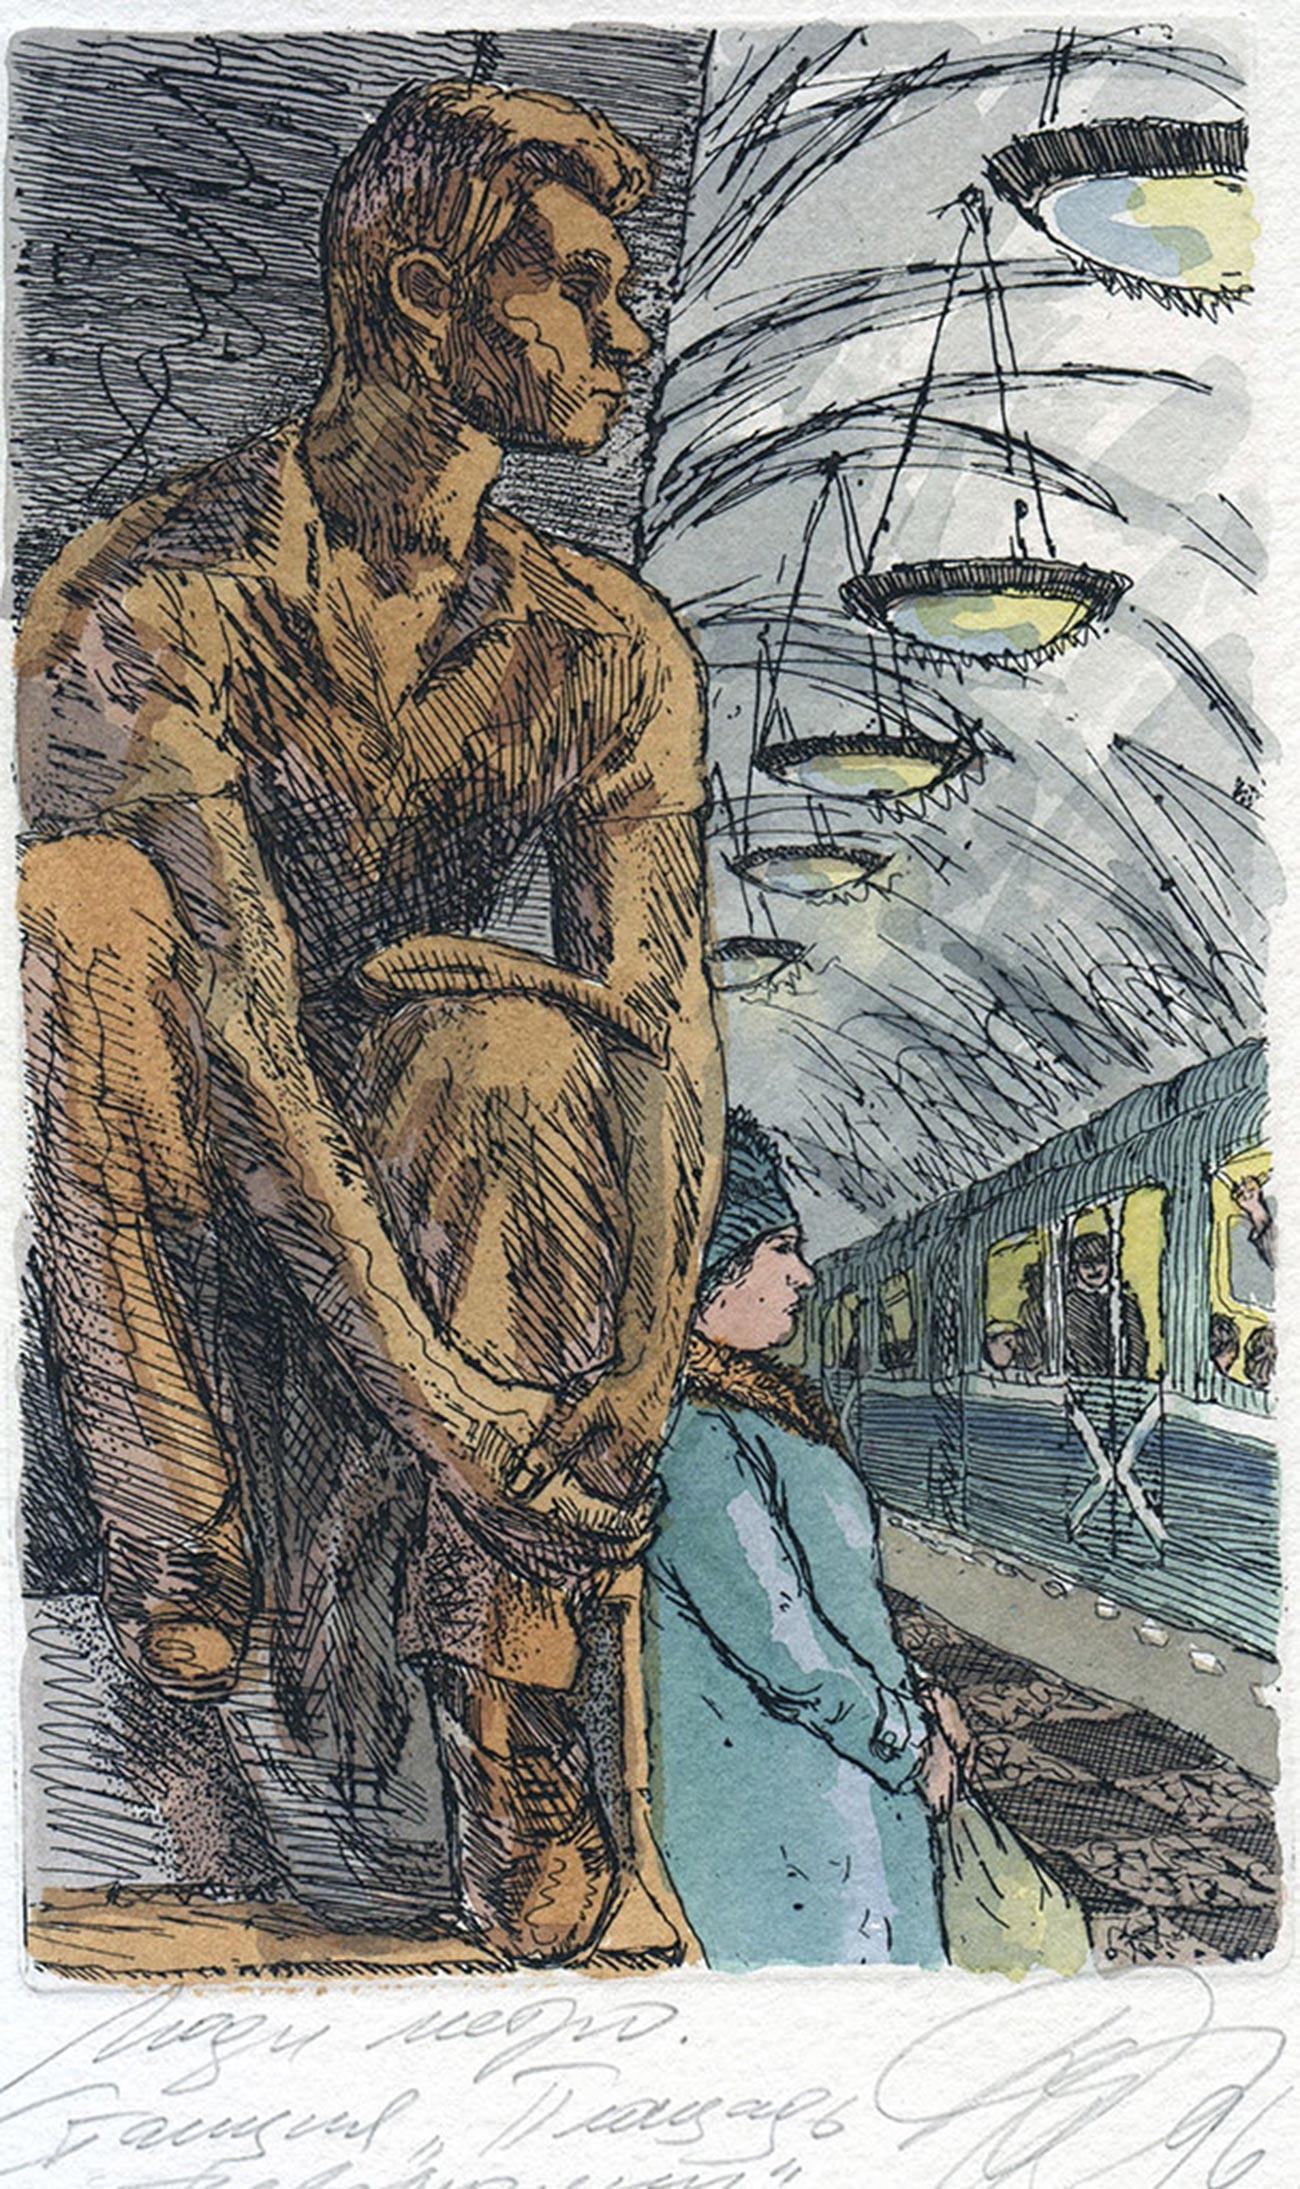 アリョーナ・デルギレワ、水彩画シリーズ「モスクワ」より